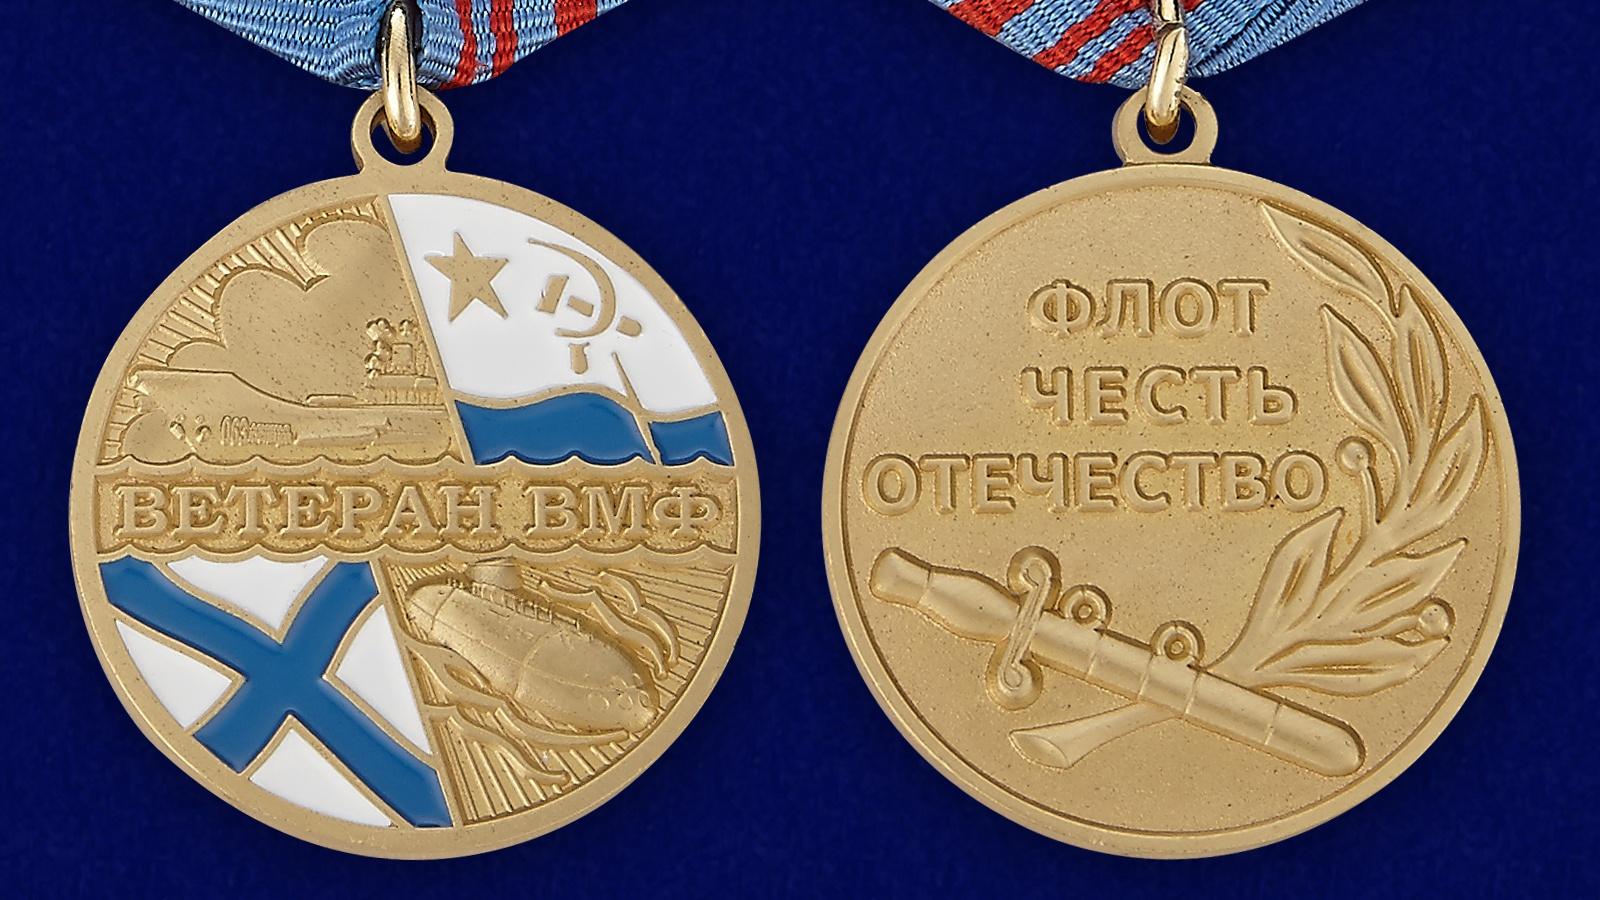 Медаль «Ветеран ВМФ» Флот, честь, отечество - аверс и реверс